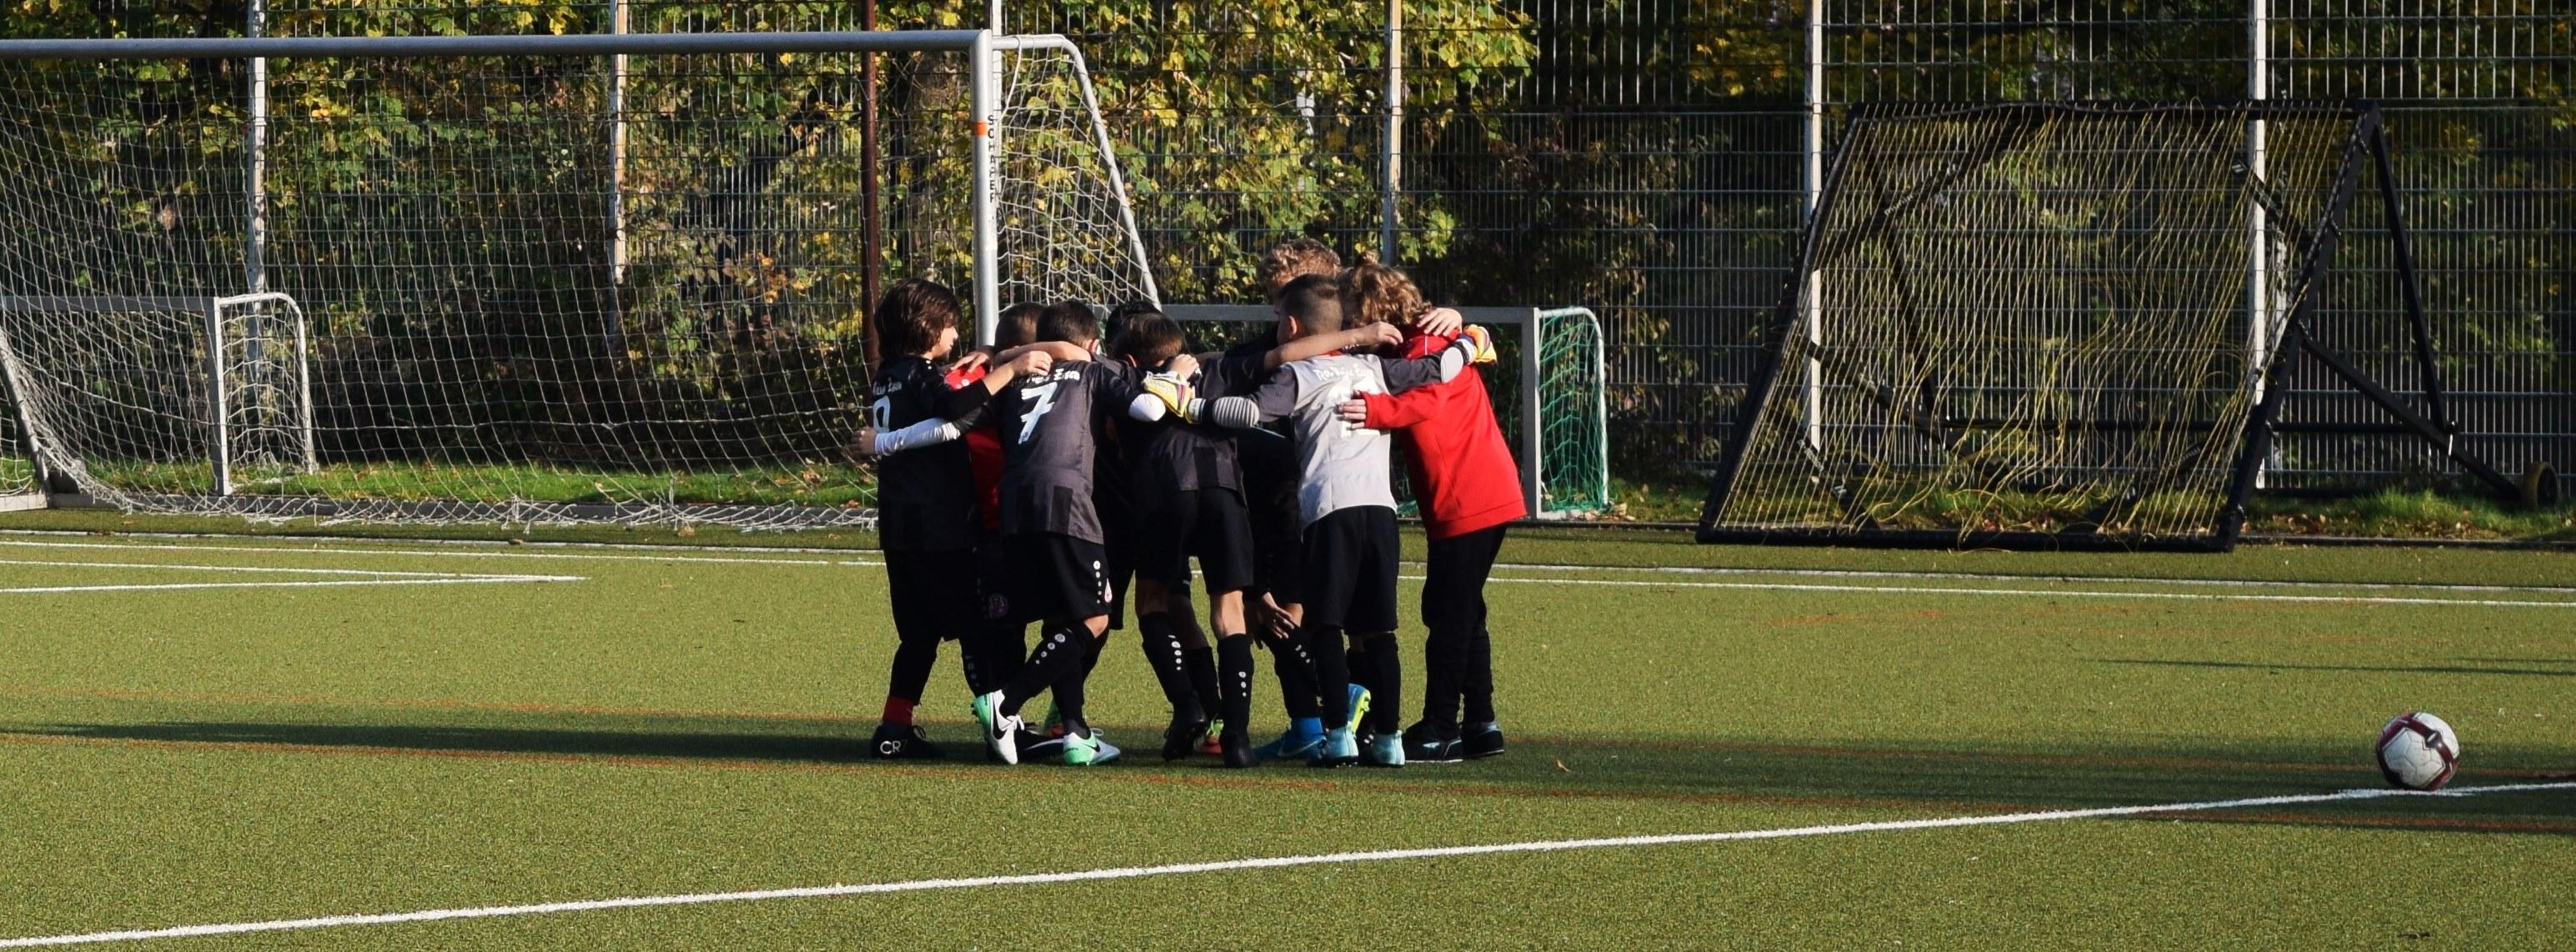 Am Wochenende haben die rot-weissen Jugendteams gute Ergebnisse eingefahren.